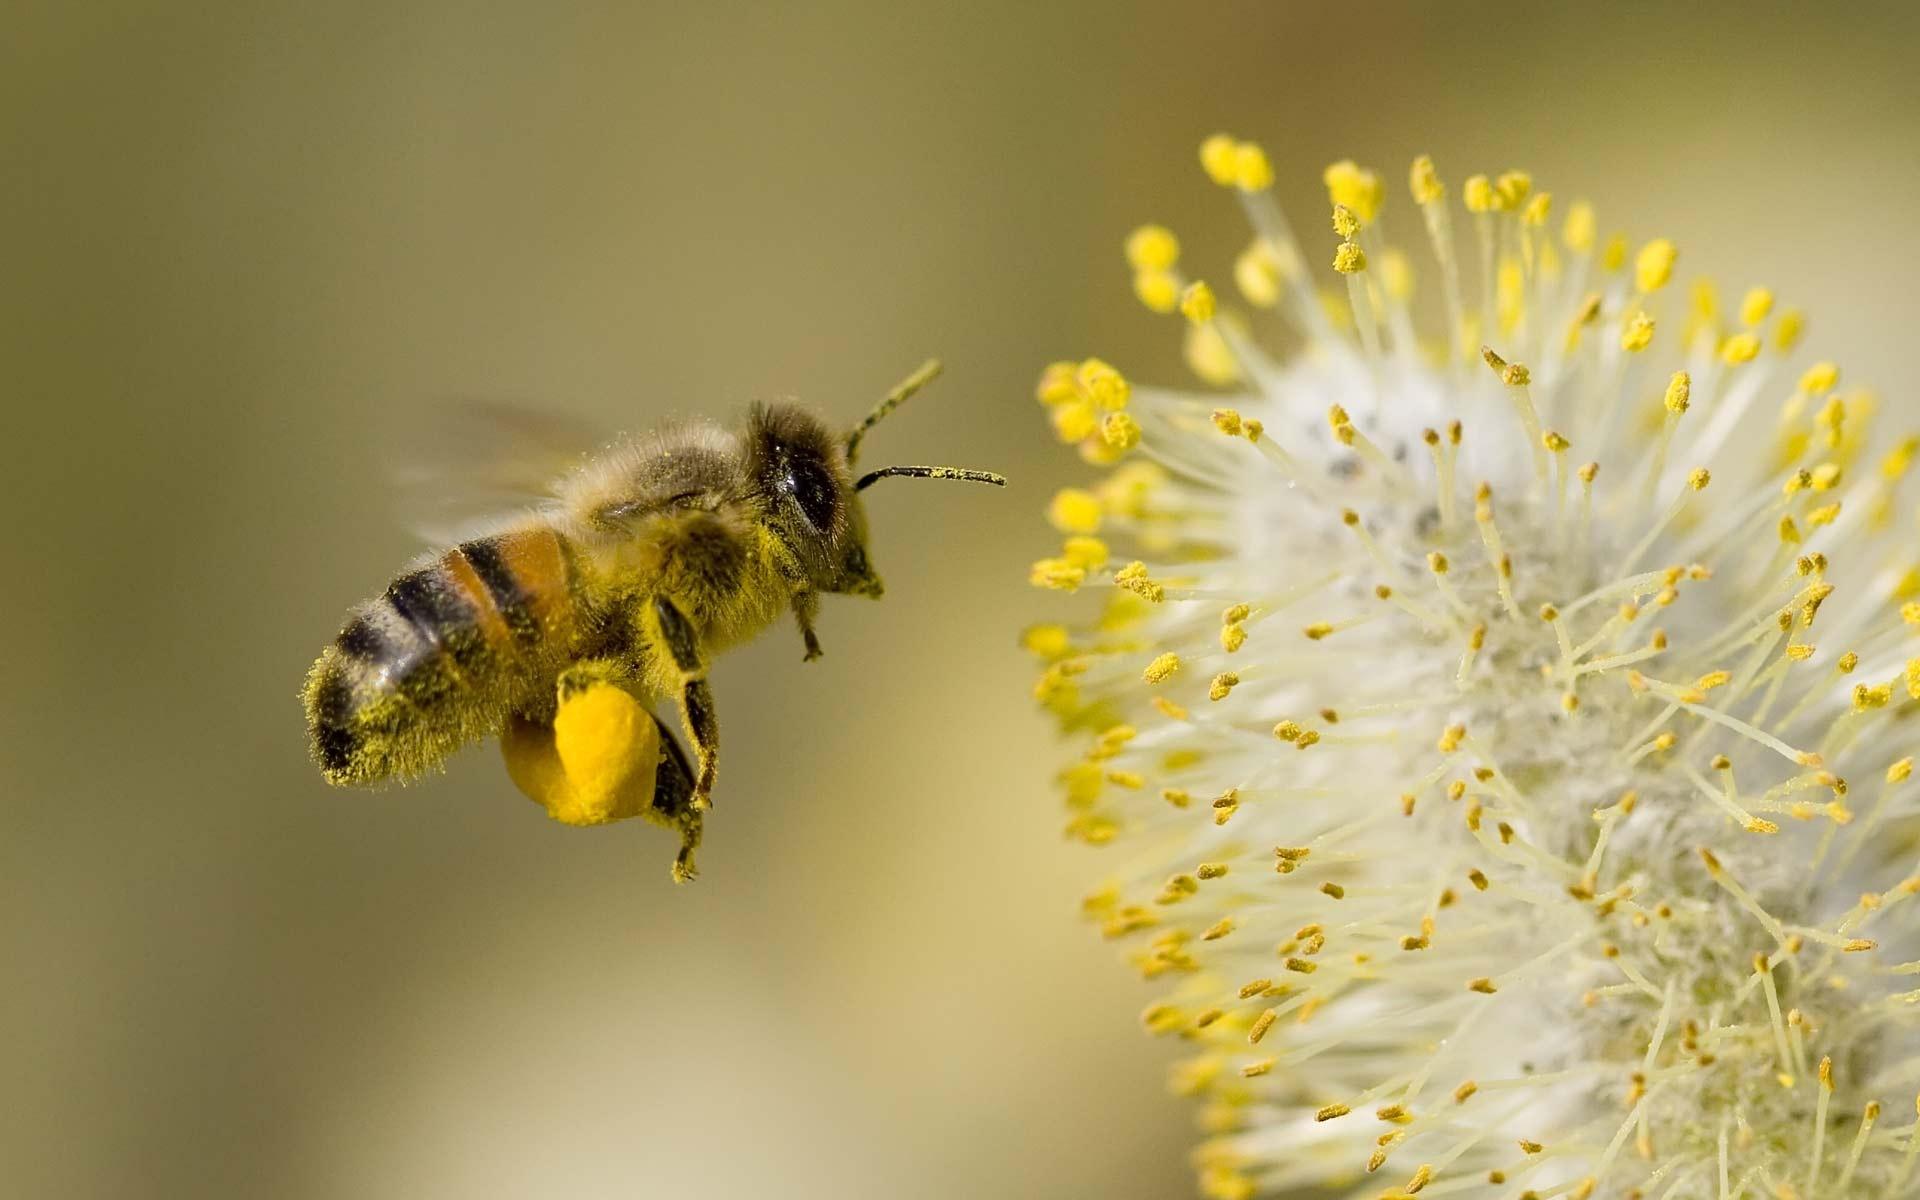 Bagaimana Lebah Menghasilkan madu? Tampak kaki seekor lebah penuh dengan serbuk sari saat mencari nektar.